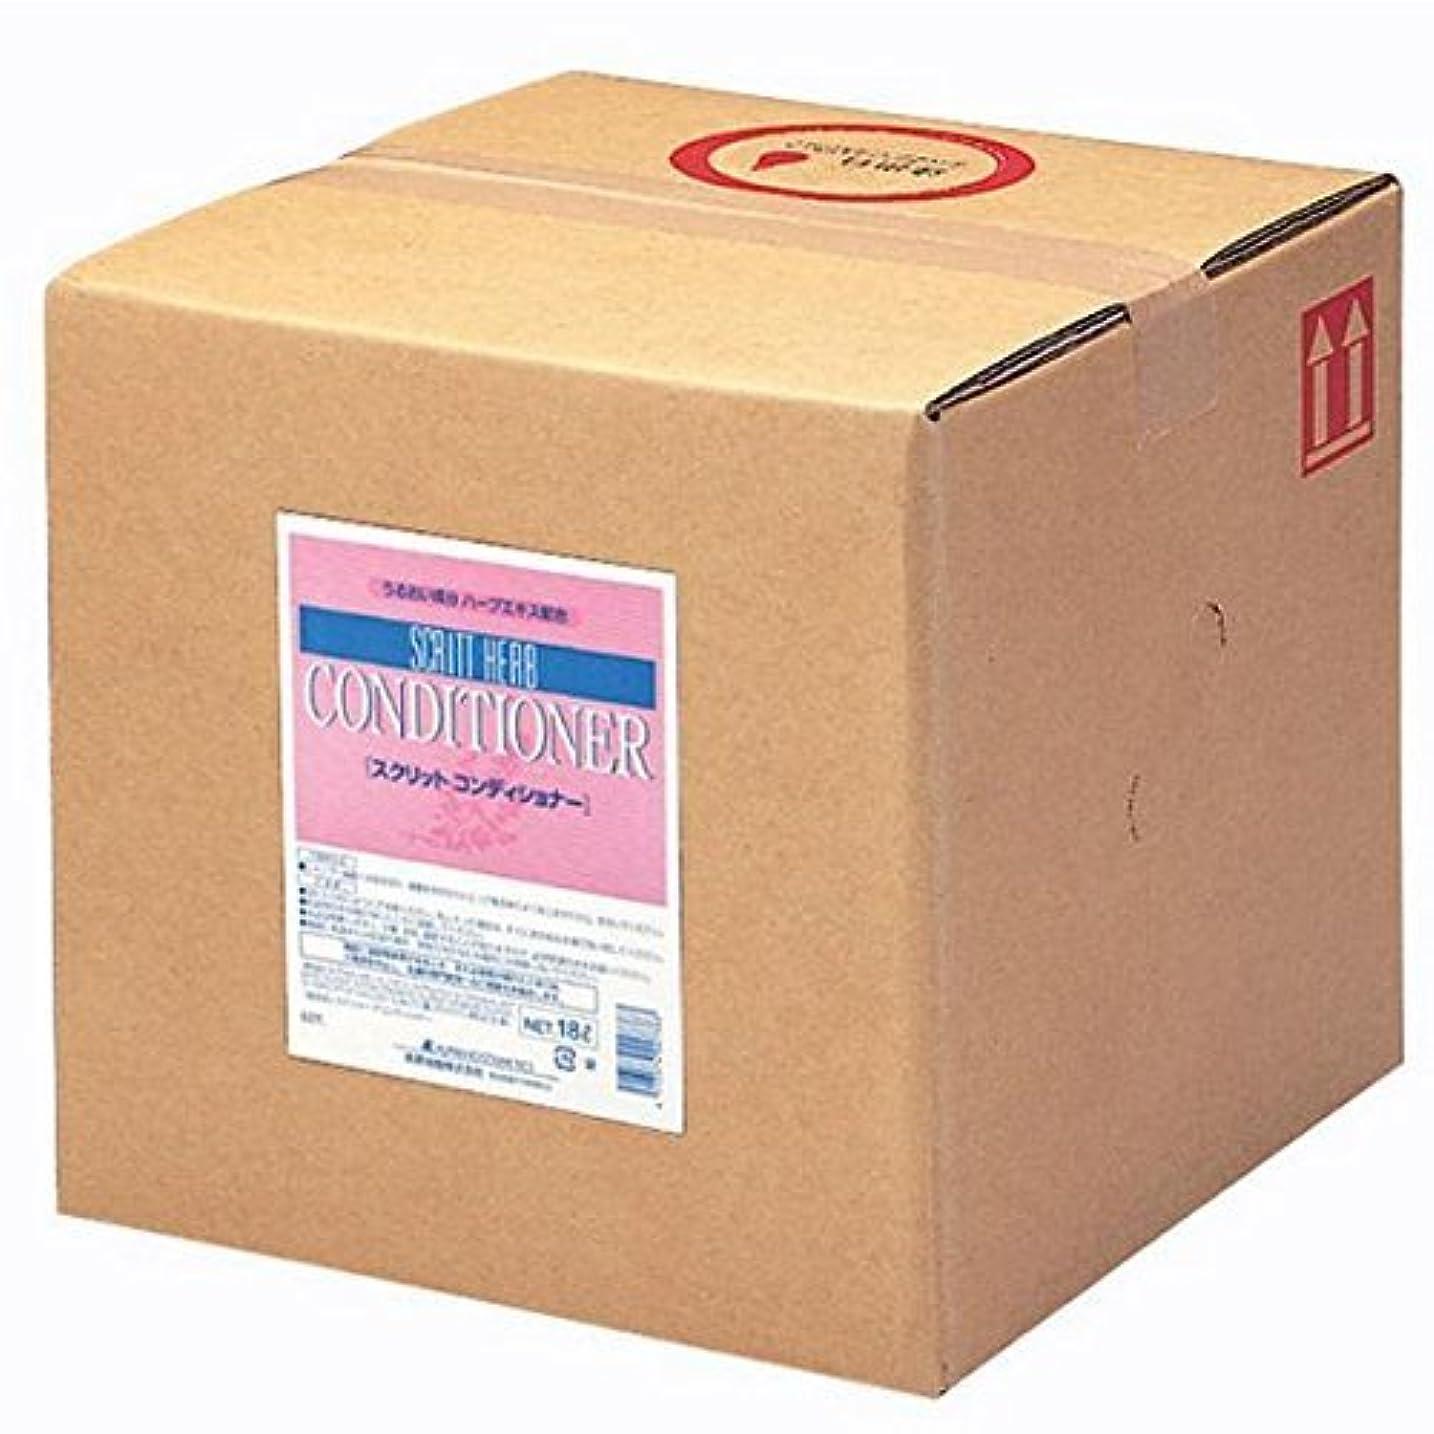 パブ満員嫌がらせ業務用 スクリット(SCRITT) コンディショナー 18L 熊野油脂 (コック無し)